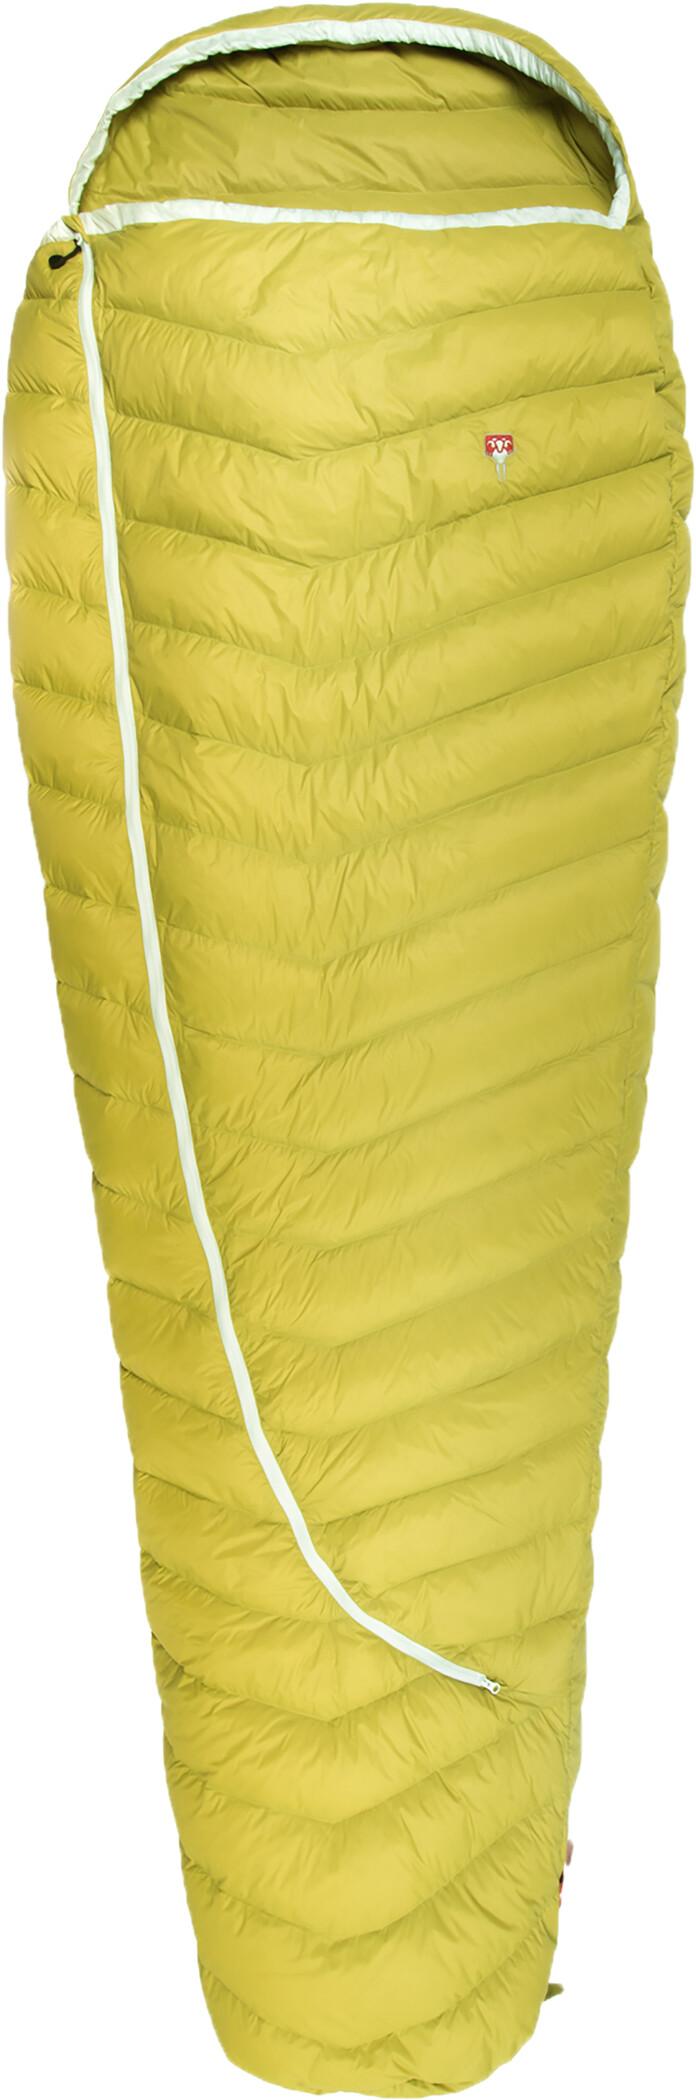 Grüezi-Bag Biopod DownWool Extreme Light 185 Sovepose, warm olive | Transport og opbevaring > Tilbehør